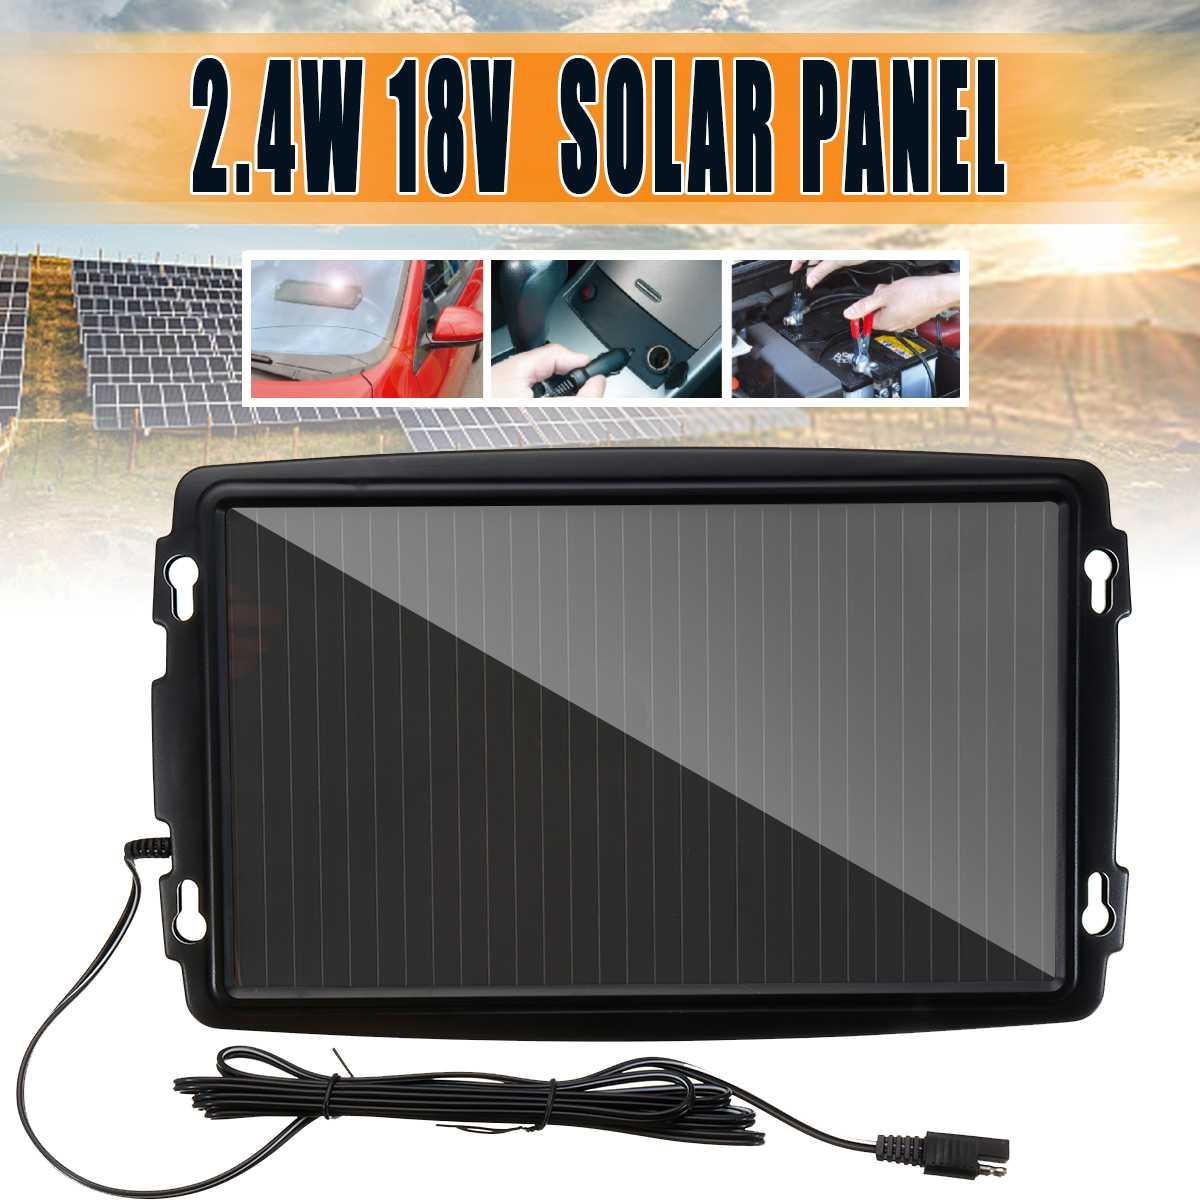 Chargeur portatif 18 V de Trickle de panneau solaire de 2.4 W pour la batterie de silicium de véhicule de voiture de bateau chargeant la puissance extérieure amorphe détachable